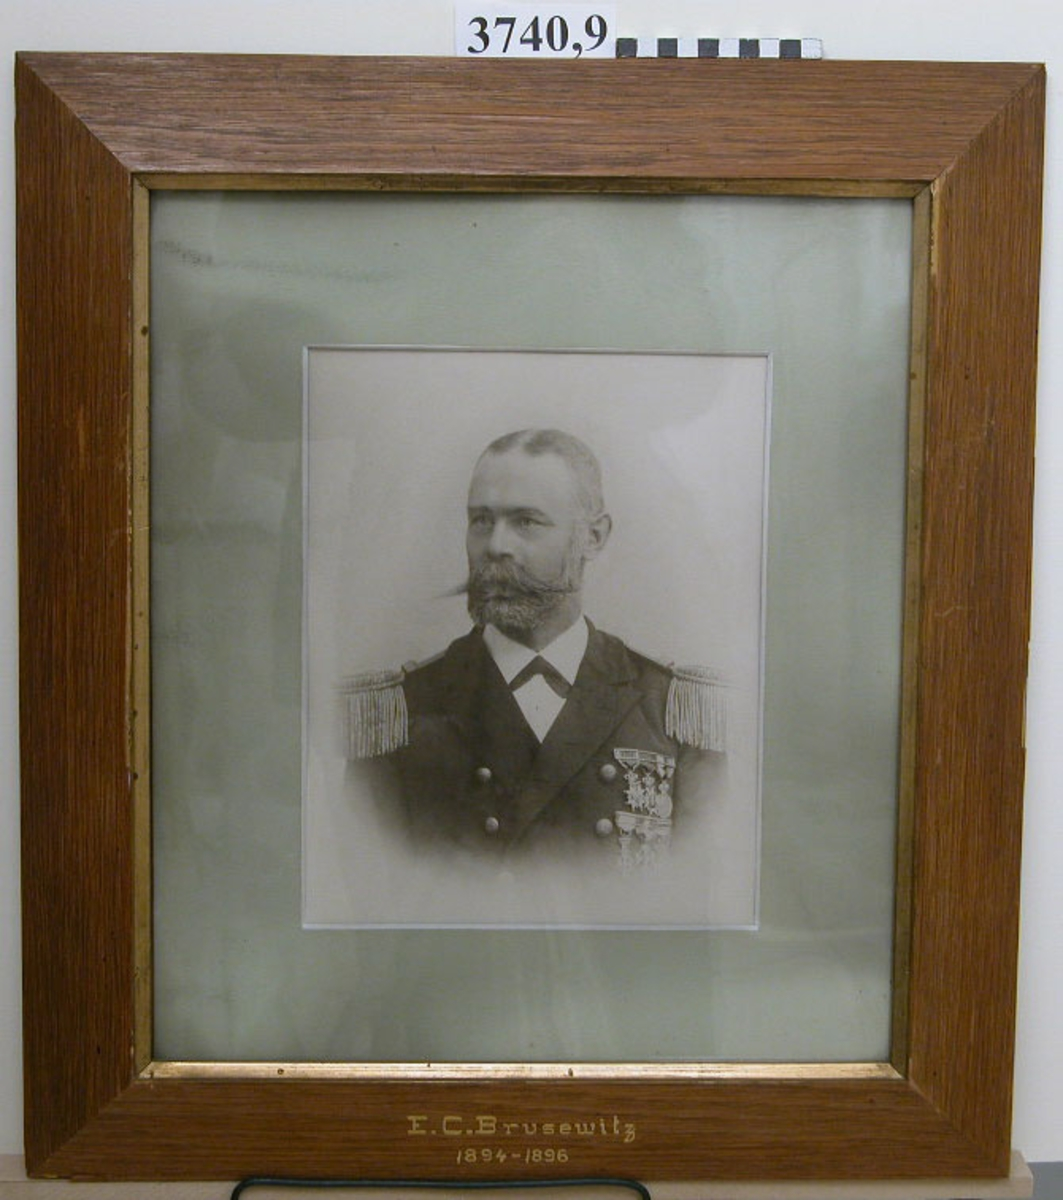 Fotografi E C Brusewitz 1894-96. 25 st fotografier inom glas och ram, av ekfanér, av porträtt av cheferna för Skeppsgossekåren i Karlskrona åren 1875 - 1939. MM3740:1-25.